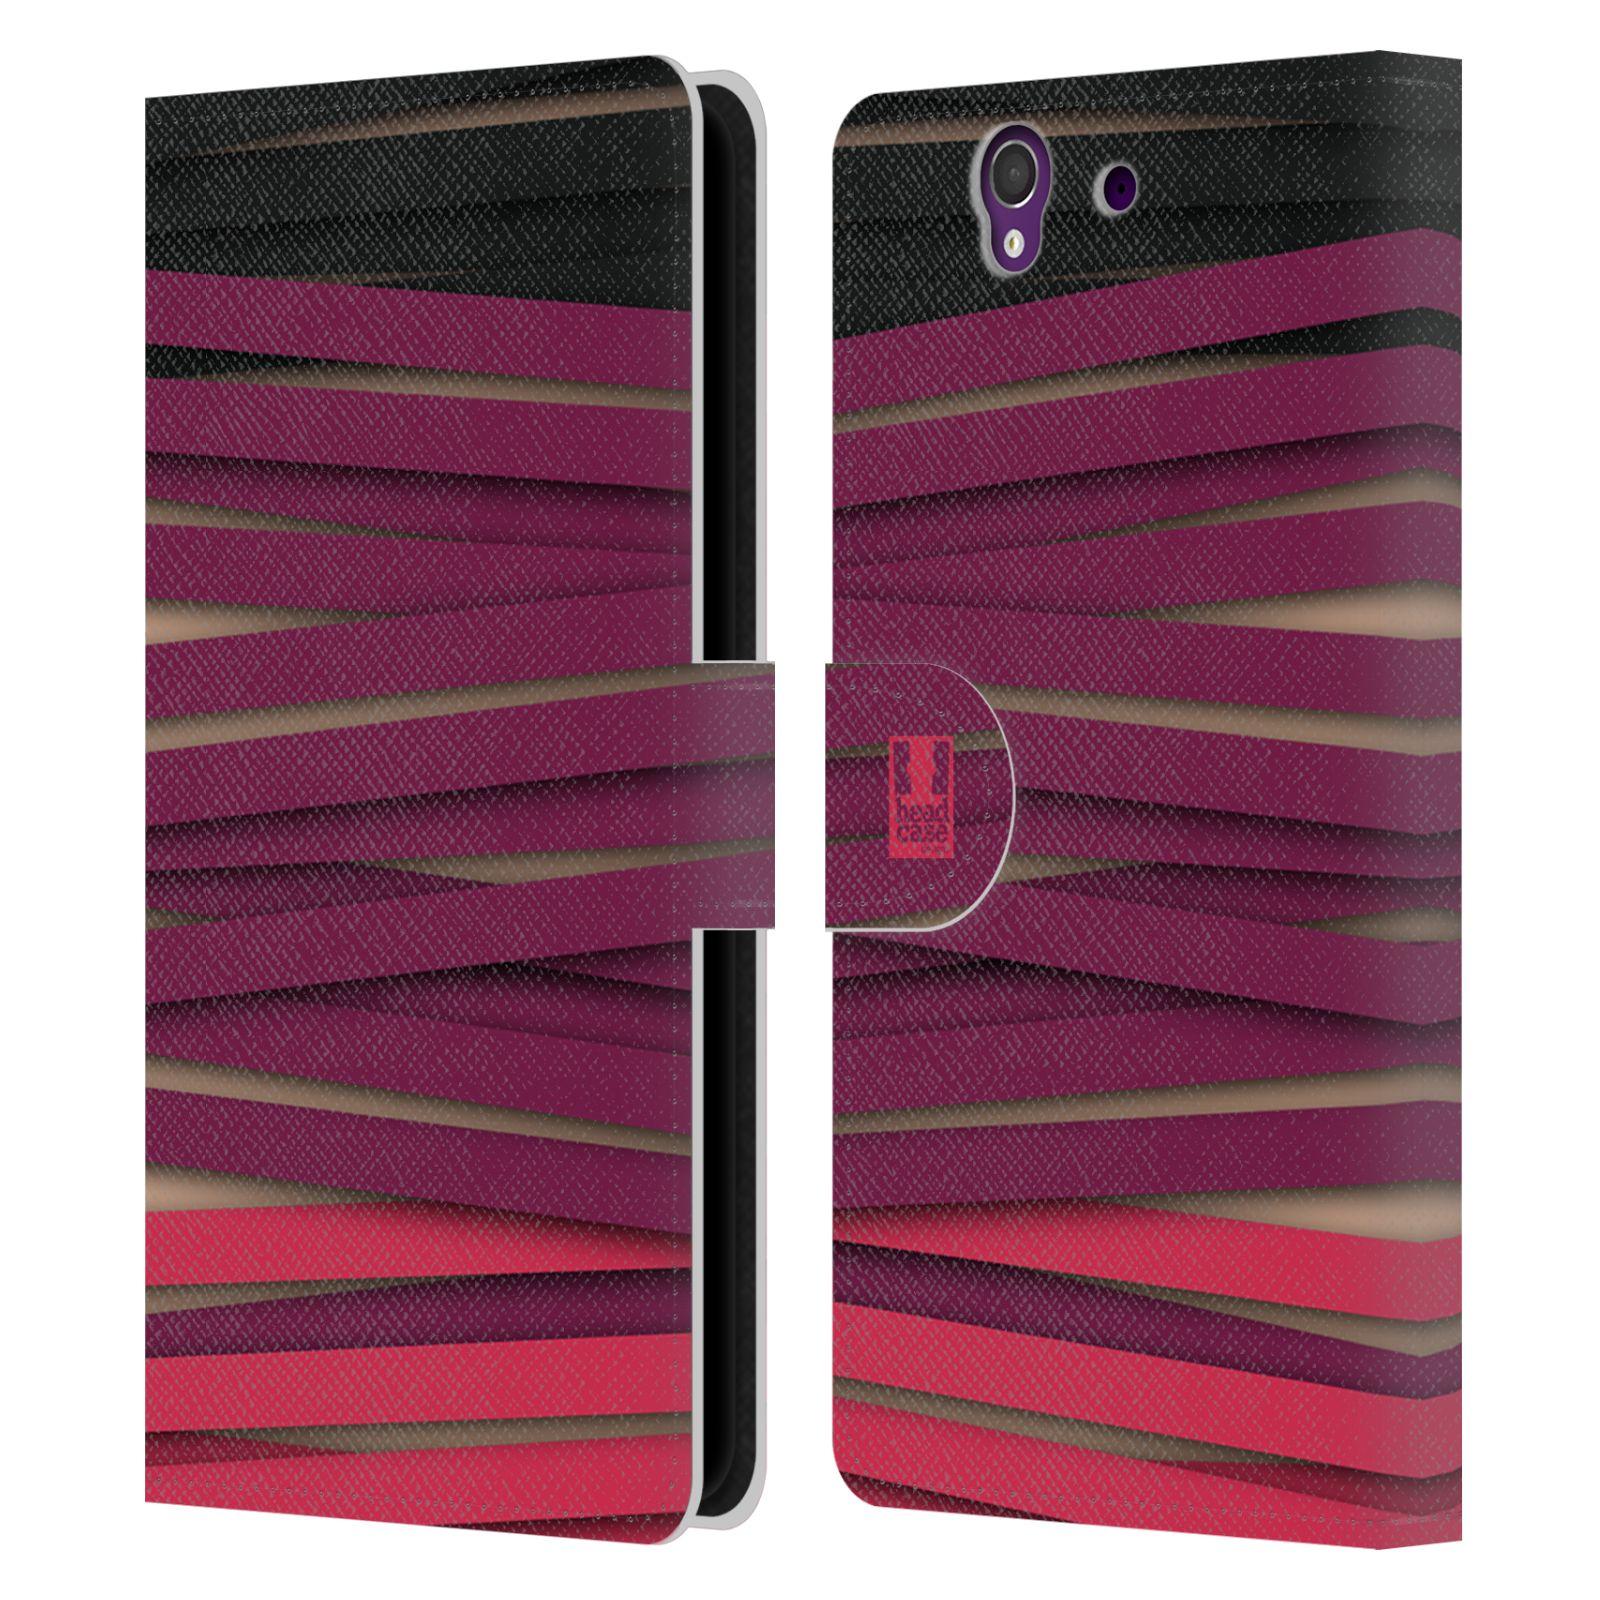 HEAD CASE Flipové pouzdro pro mobil SONY XPERIA Z (C6603) barevná mumie proužky fialová a černá